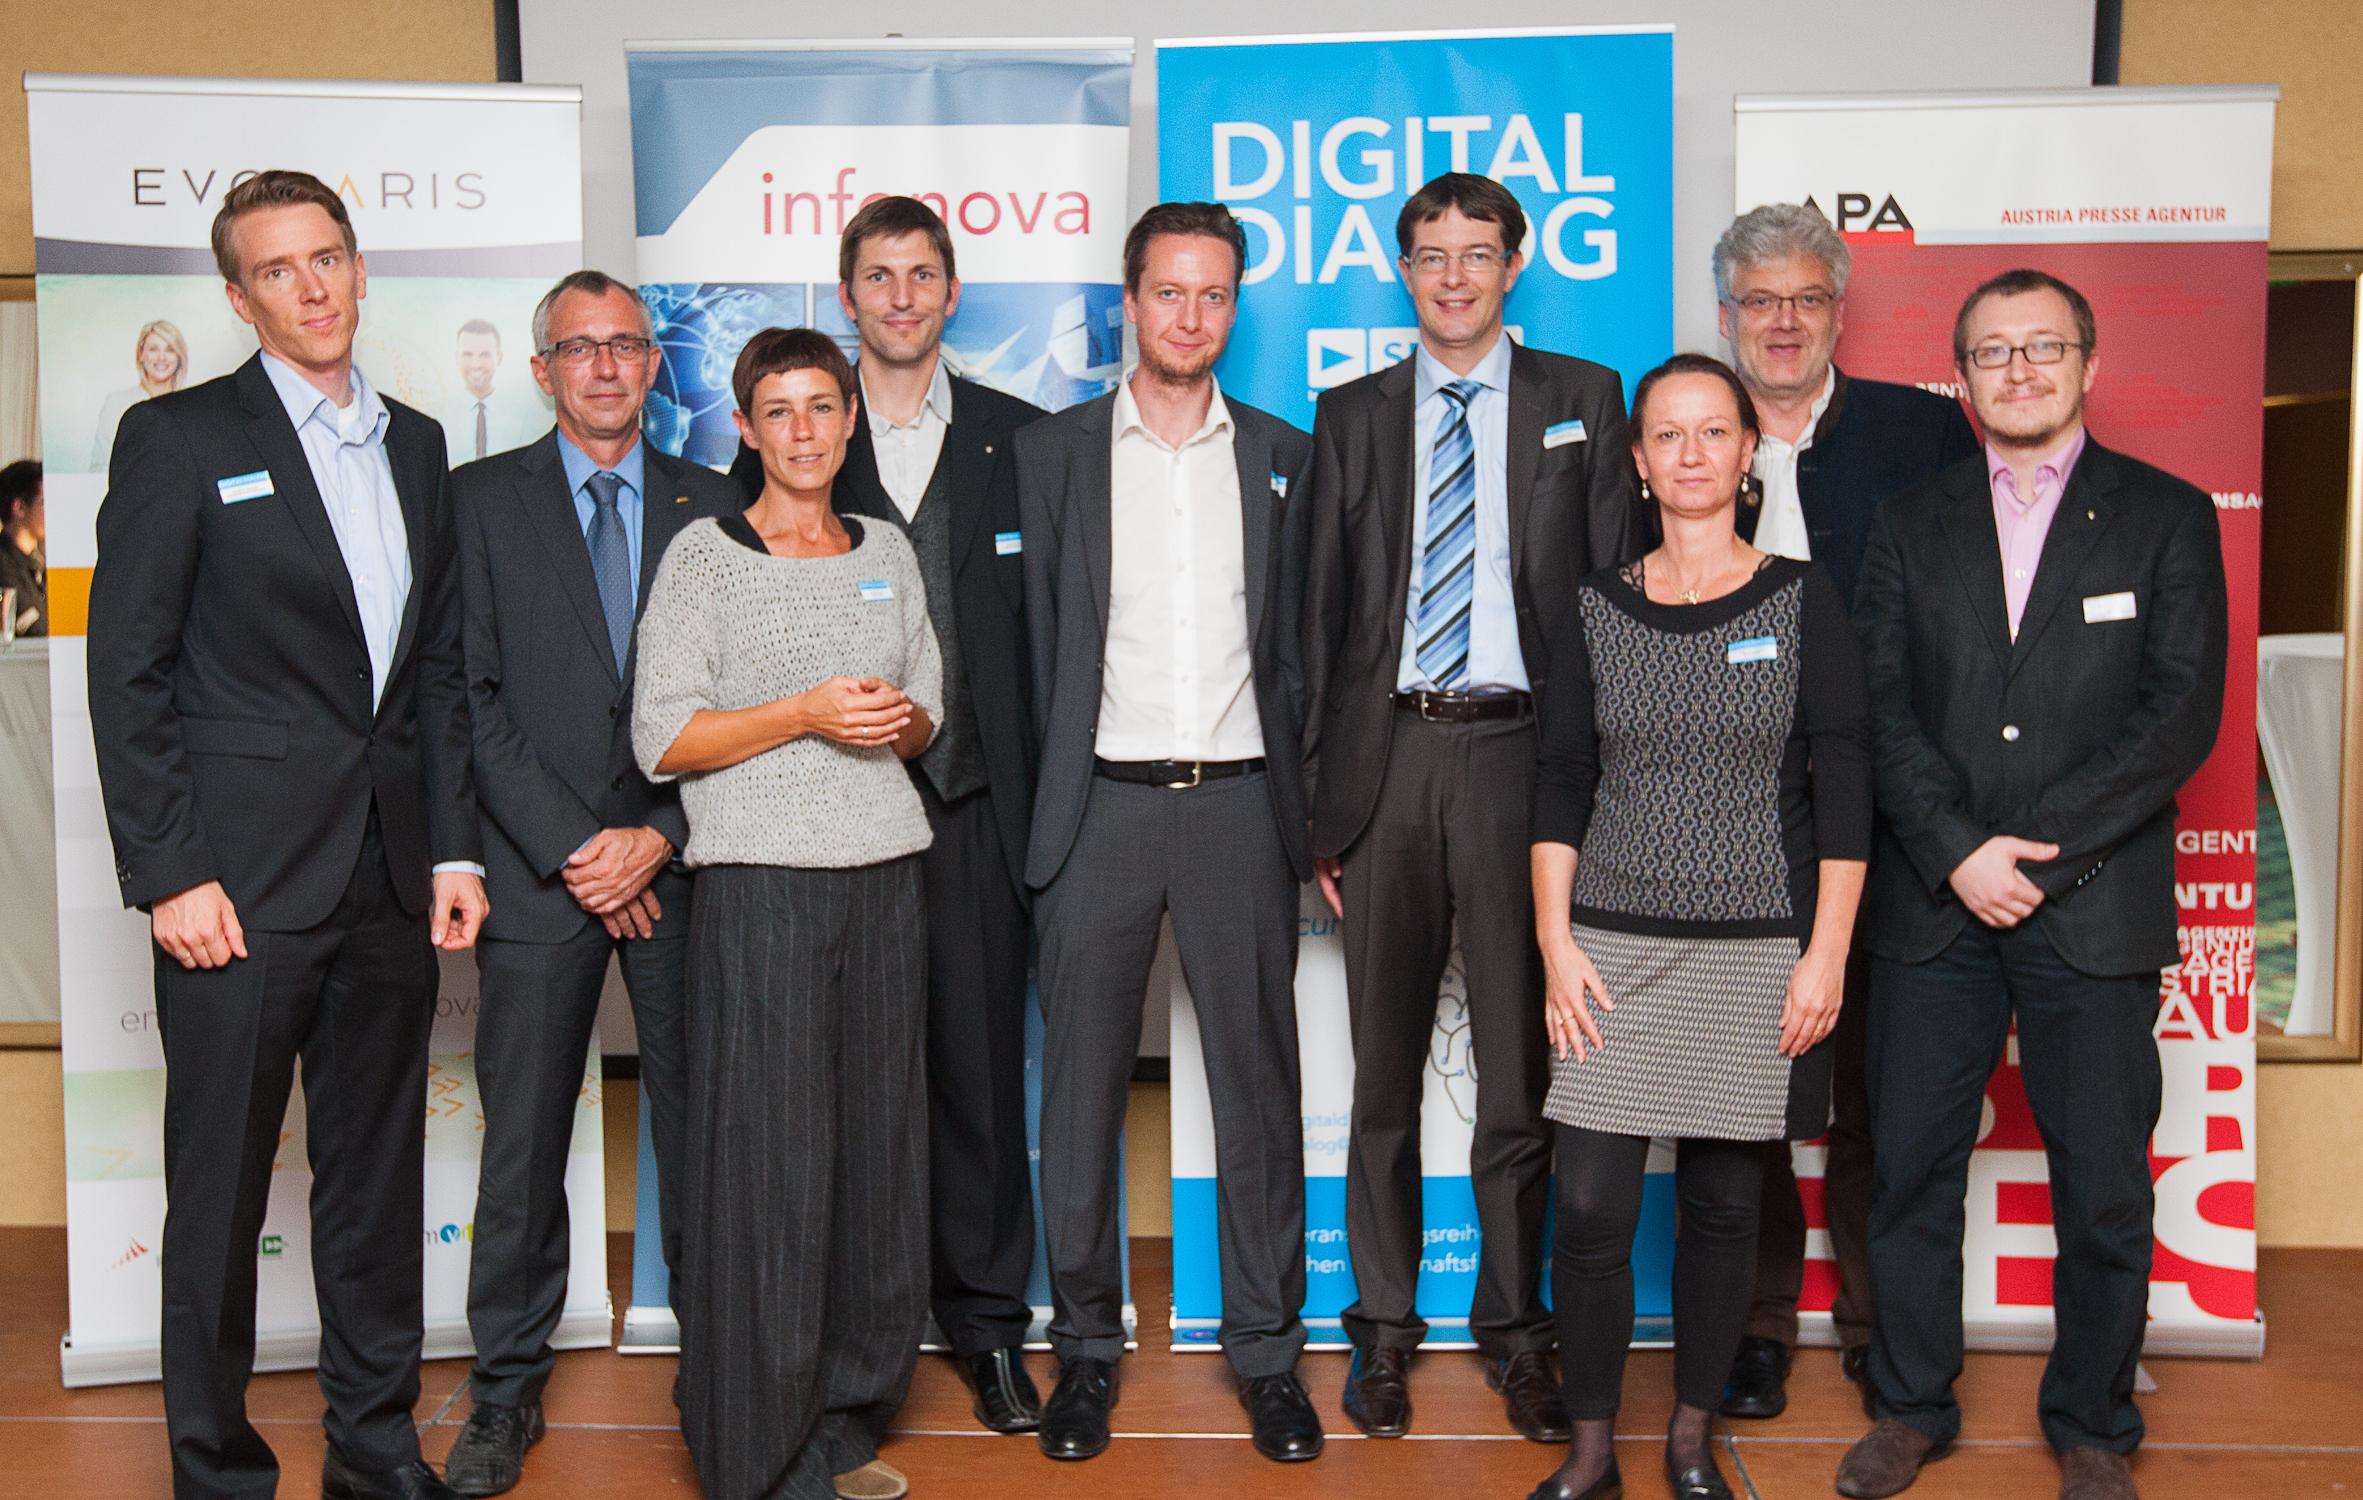 Erfolgreicher Digital Dialog zu Industrie 4.0